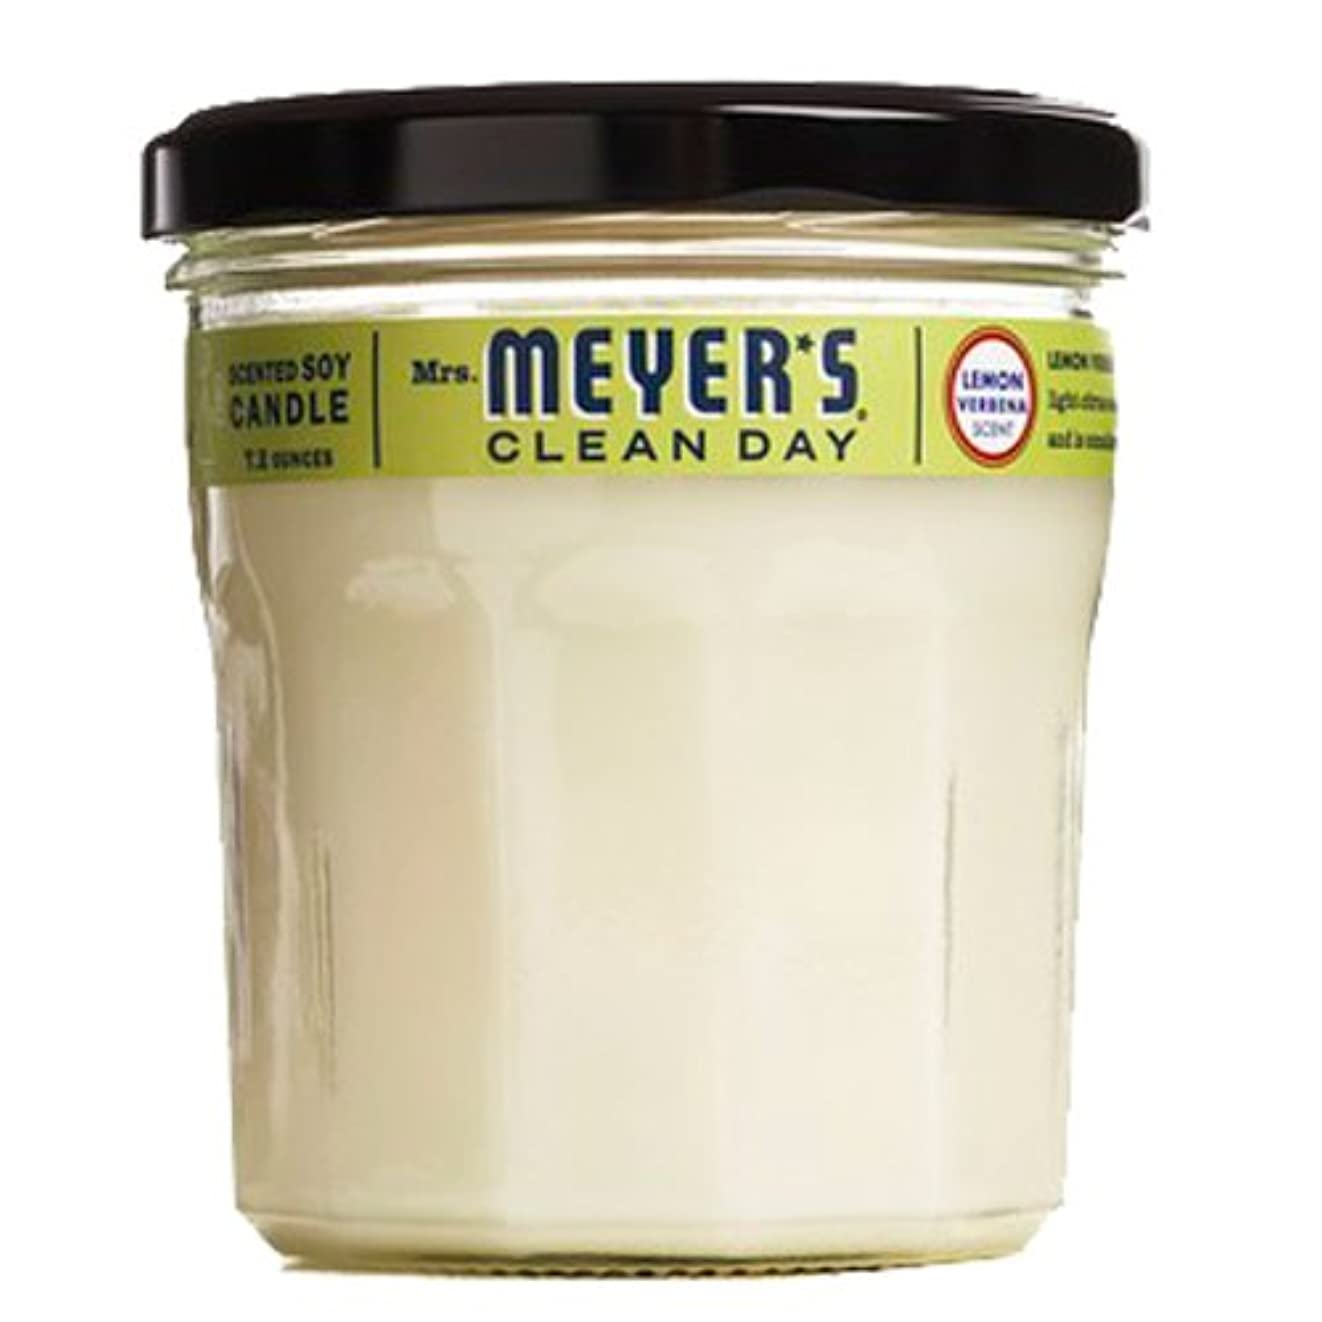 通路共産主義借りているMrs。Meyer 's Clean Day Soy Candle、7.2-ounceガラスジャー(ケースof 6 ) -lemon Verbena